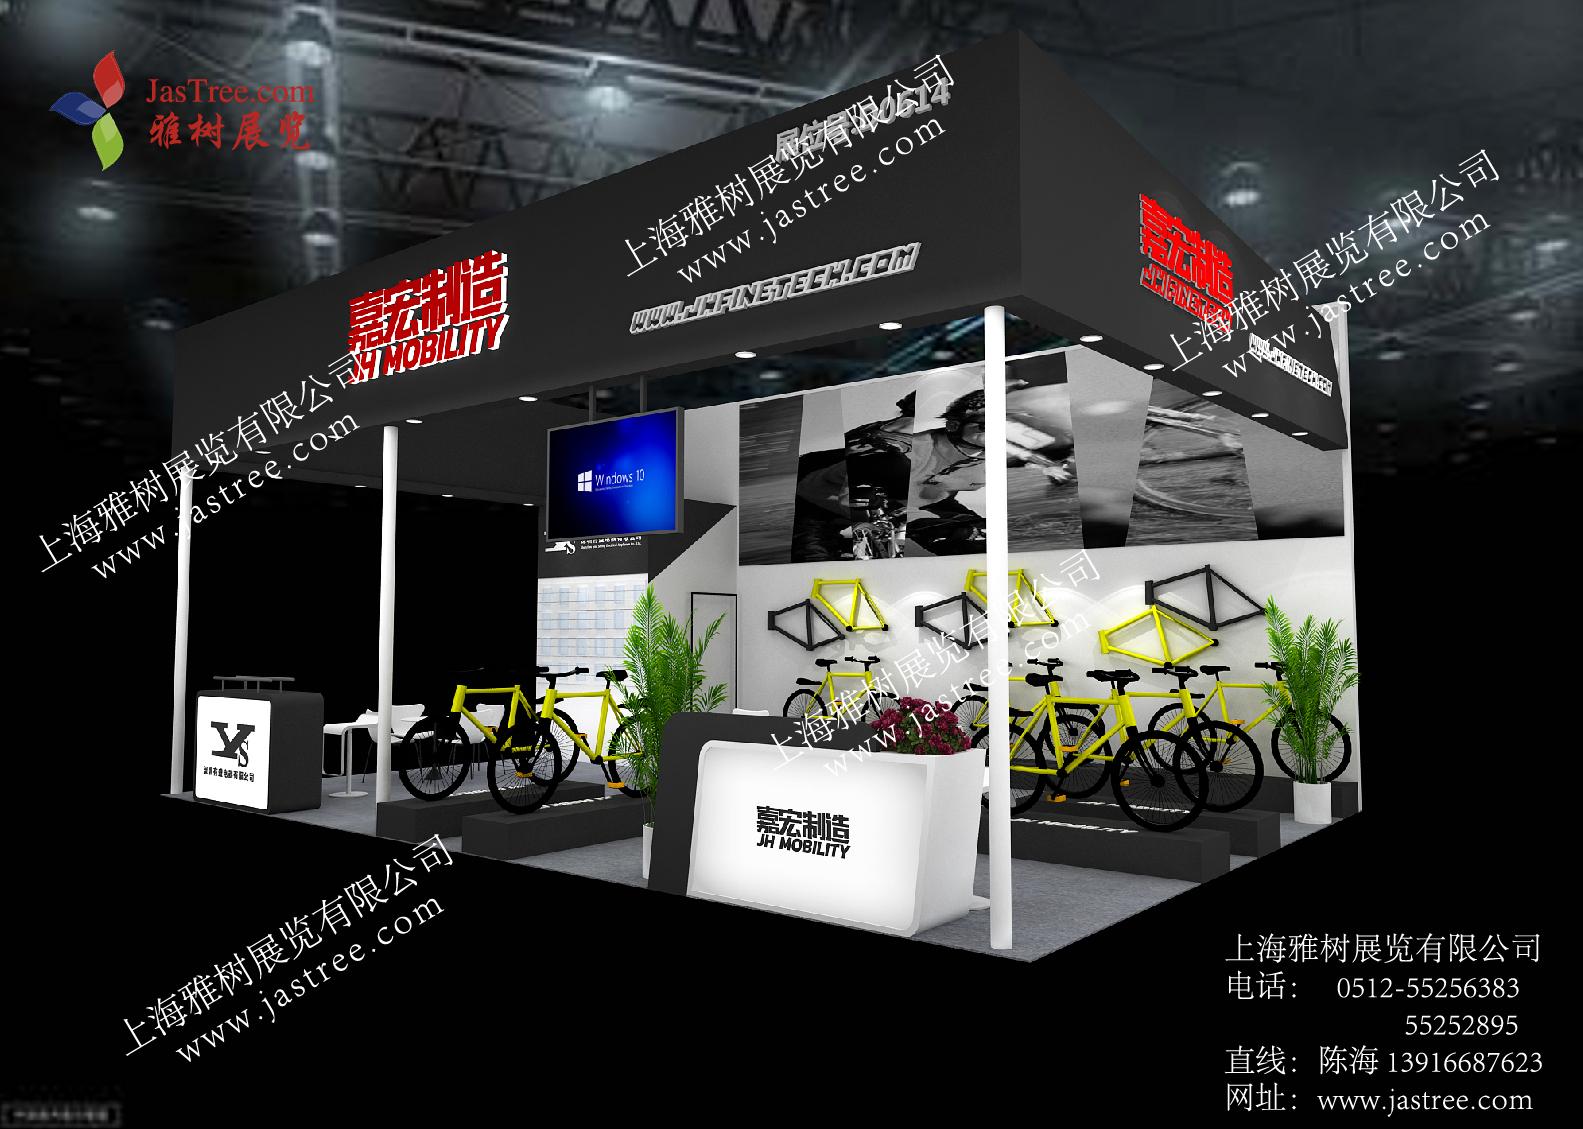 自行车展打码-9-01